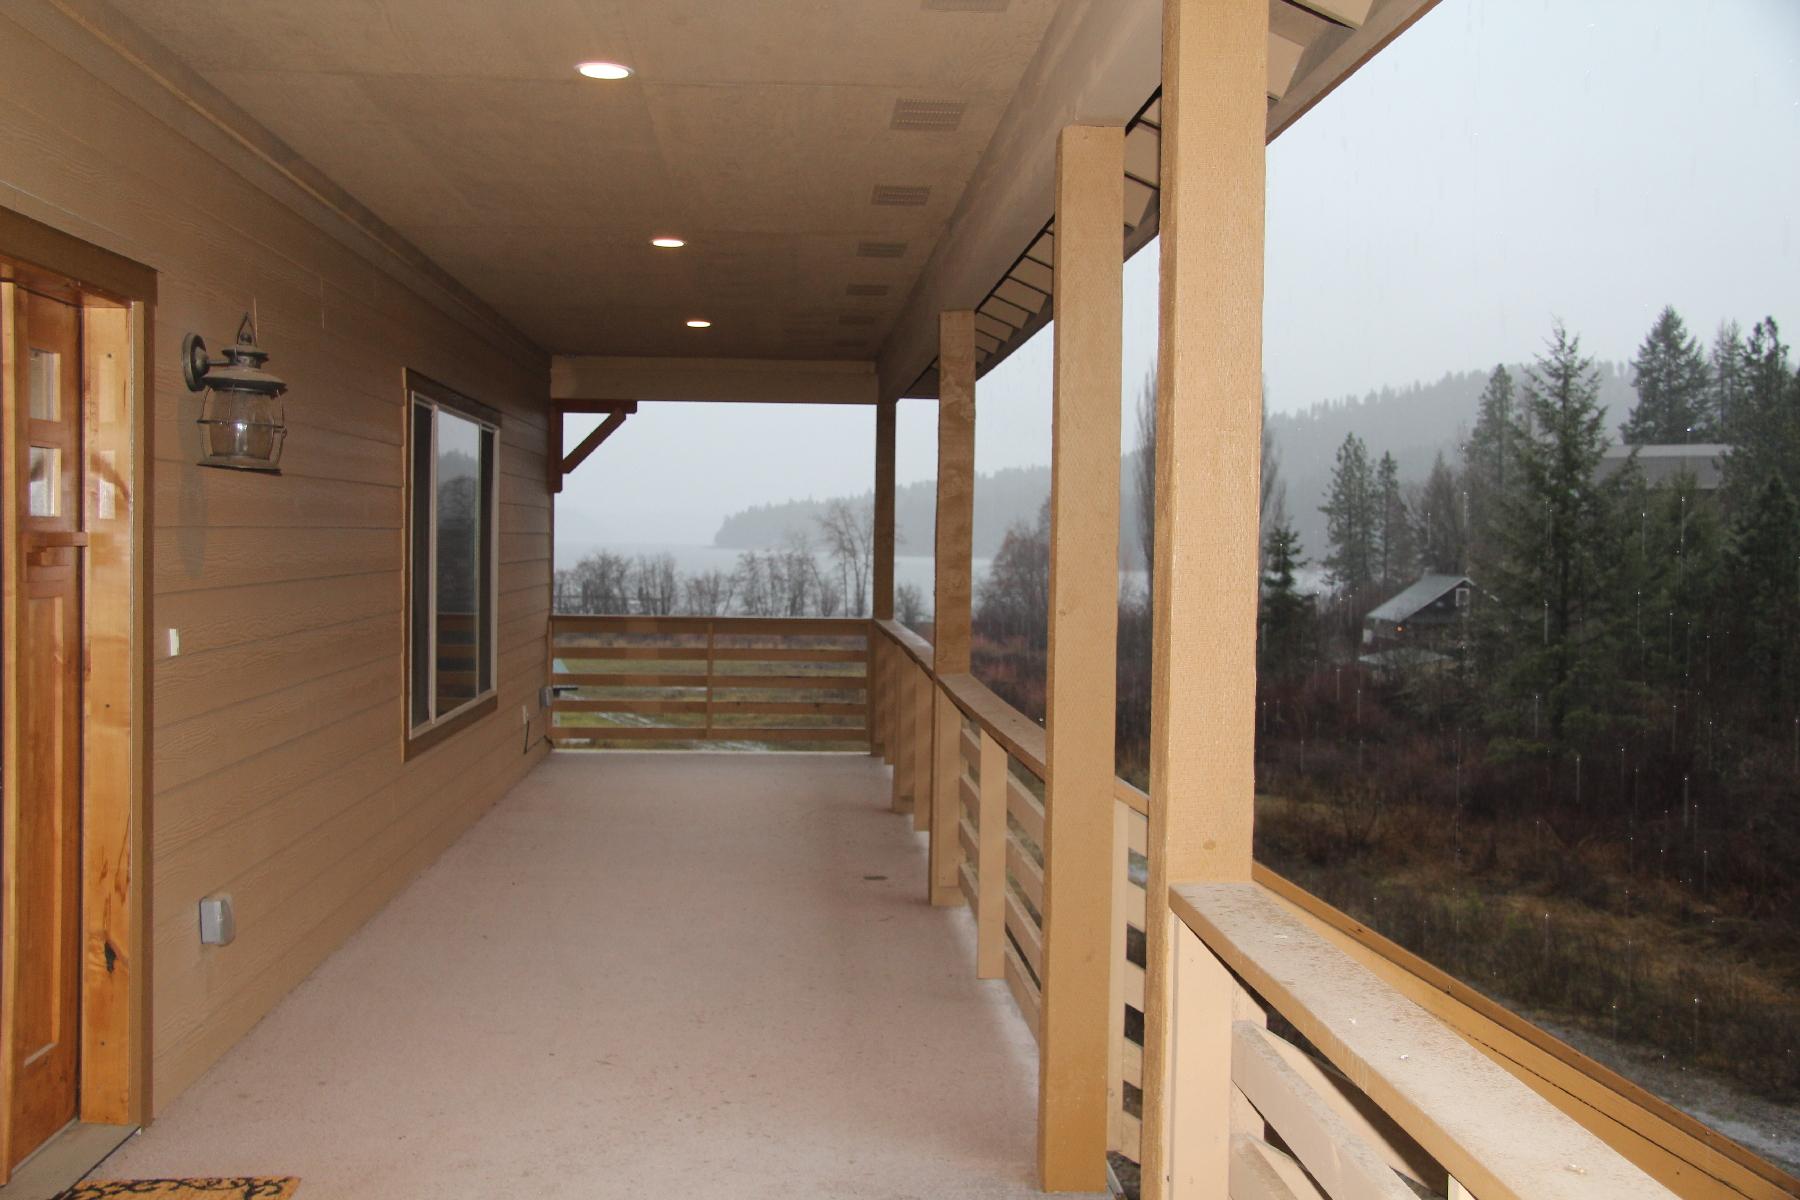 Casa para uma família para Venda às Spawning Creek 14793 S. Spawning Creek Harrison, Idaho, 83833 Estados Unidos